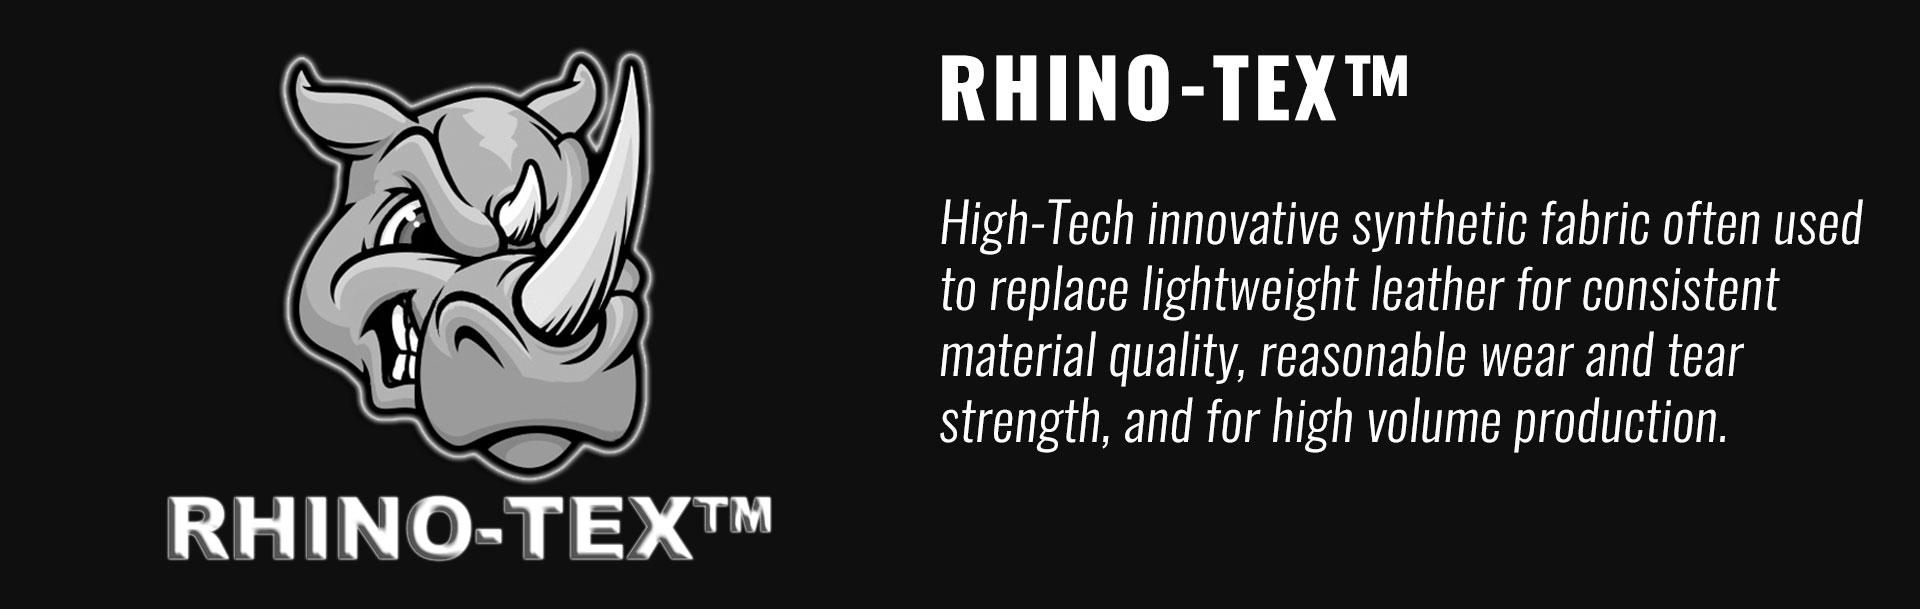 Caiman Gloves Rhino-Tex